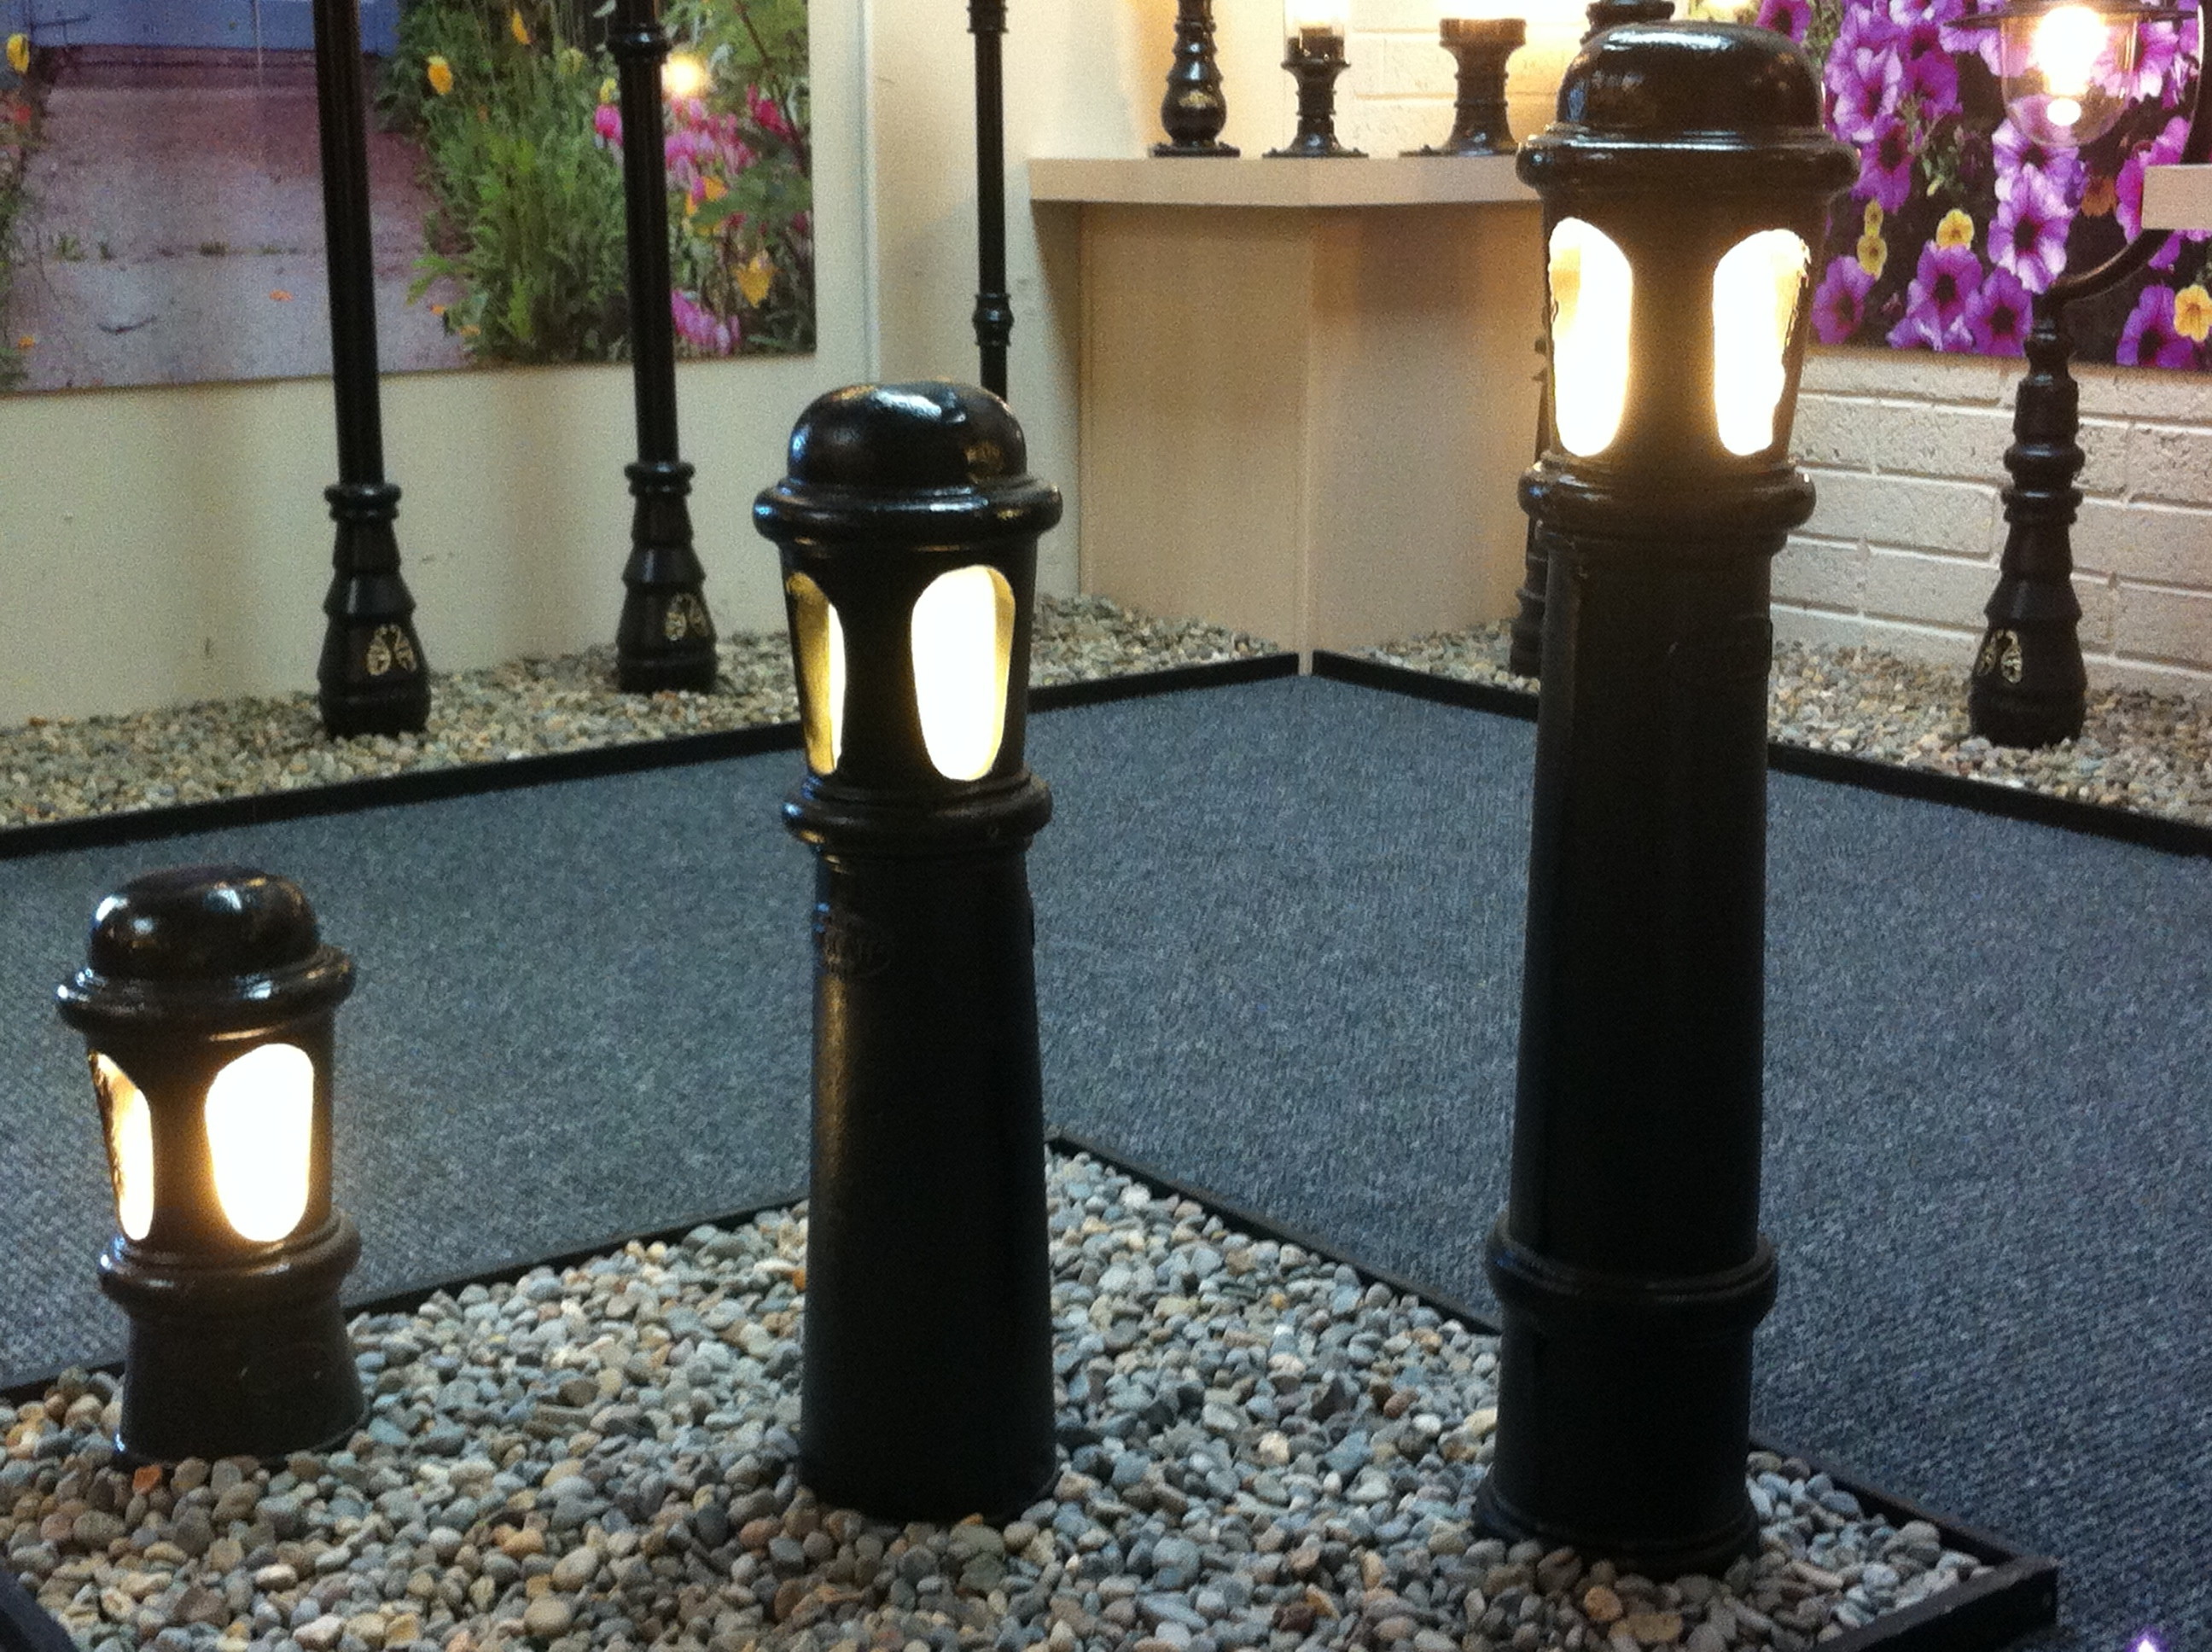 Entertainment : Outdoor Lighting Perspectives Ireland Living Spaces Regarding Most Recent Ireland Outdoor Lighting (View 4 of 20)